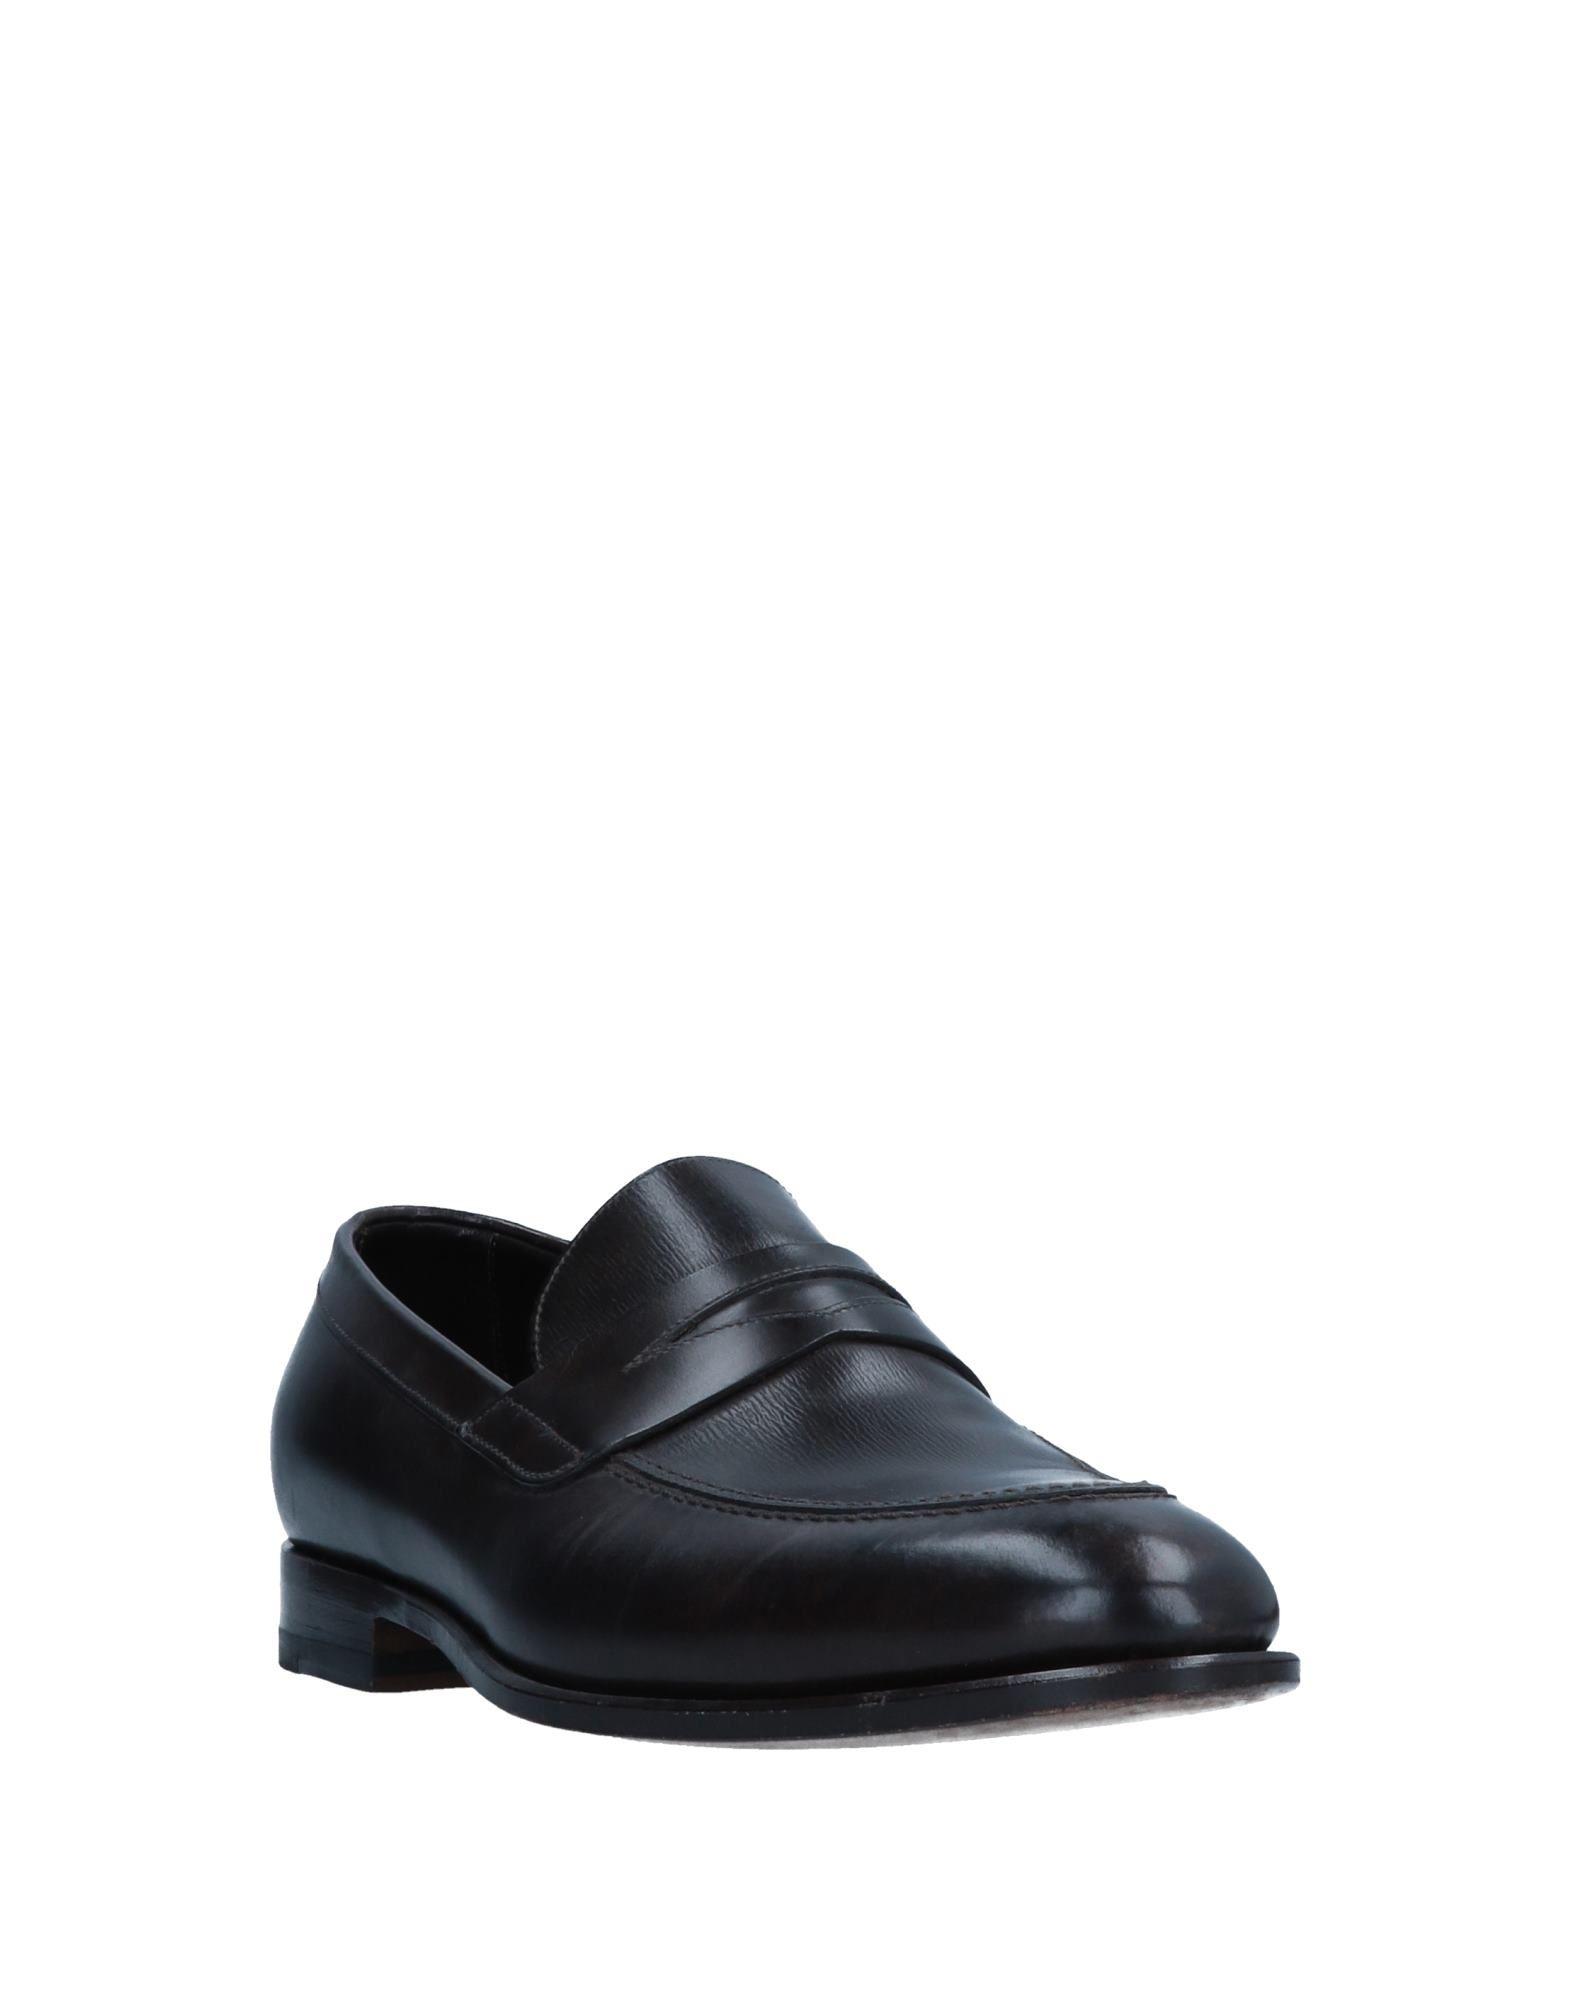 Canali 11284423WE Mokassins Herren  11284423WE Canali Gute Qualität beliebte Schuhe 5ebcaf